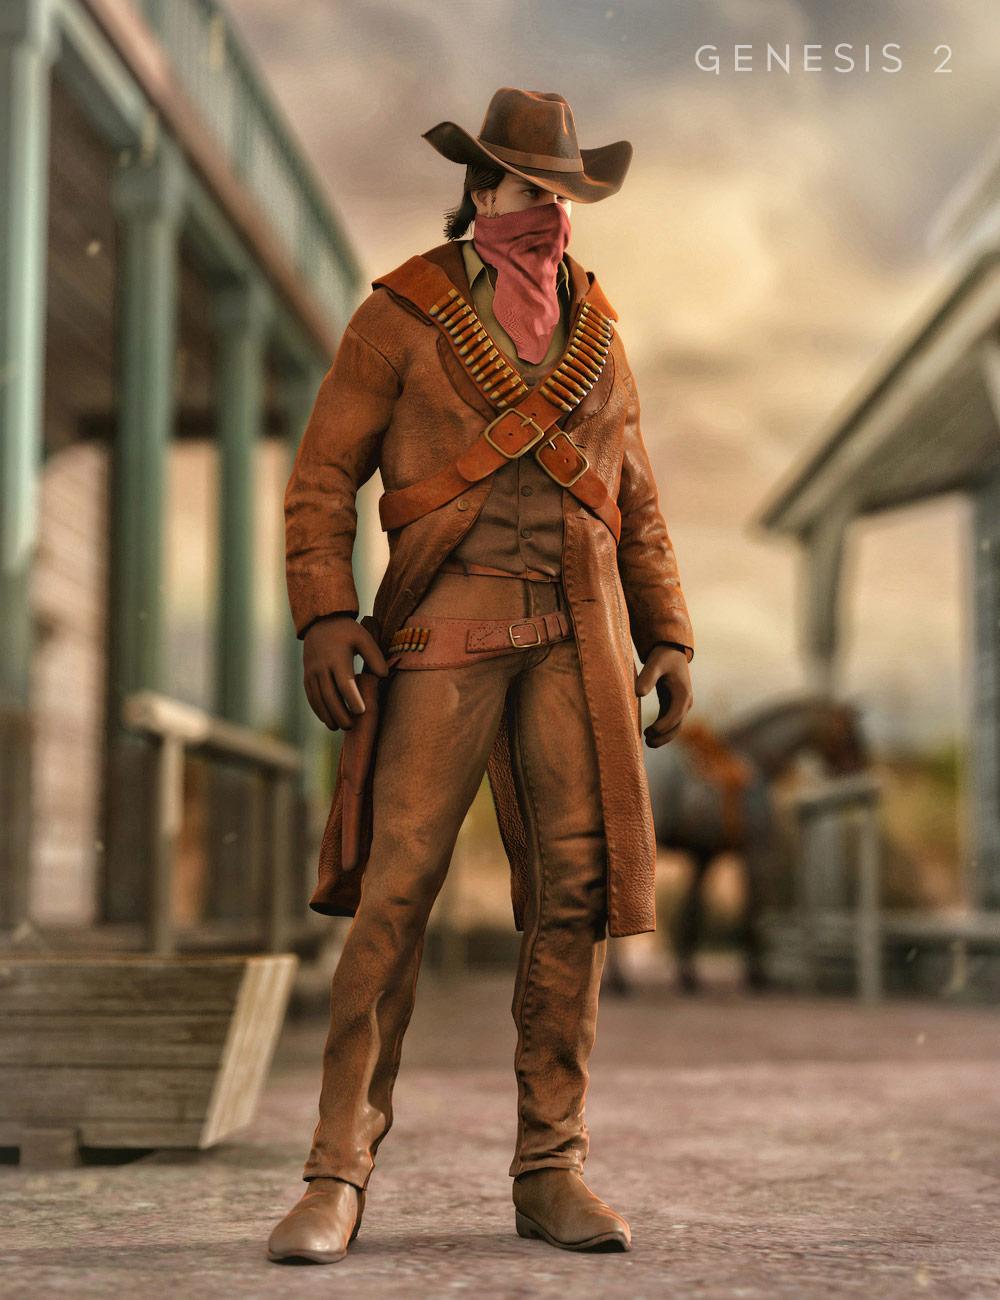 Western Outlaw for Genesis 2 Male(s) by: Yura, 3D Models by Daz 3D